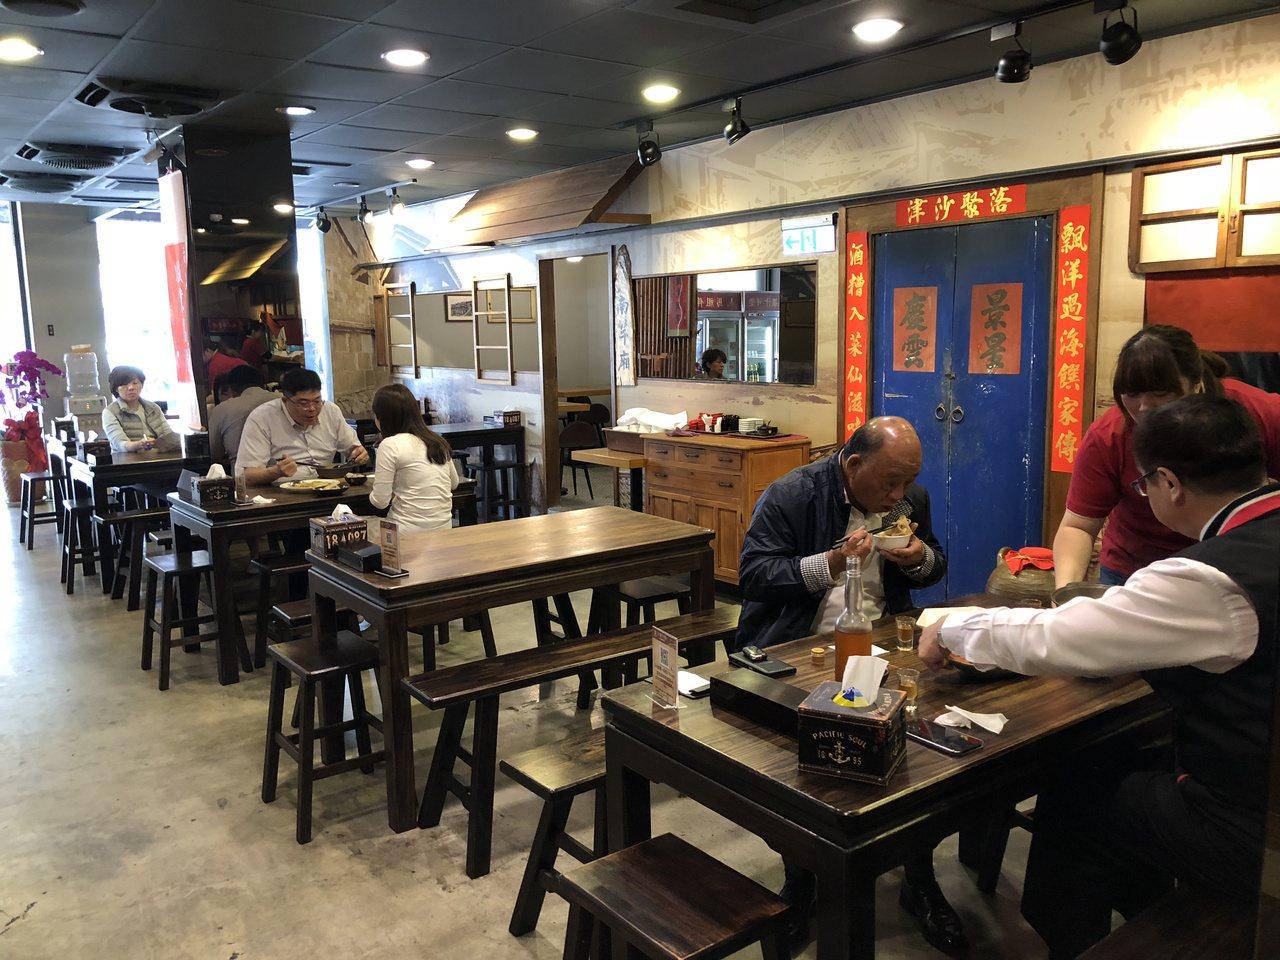 「三食六島」是台中第一家標榜馬祖創意料理的風味餐廳,消費者不必搭船或坐小飛機,就...